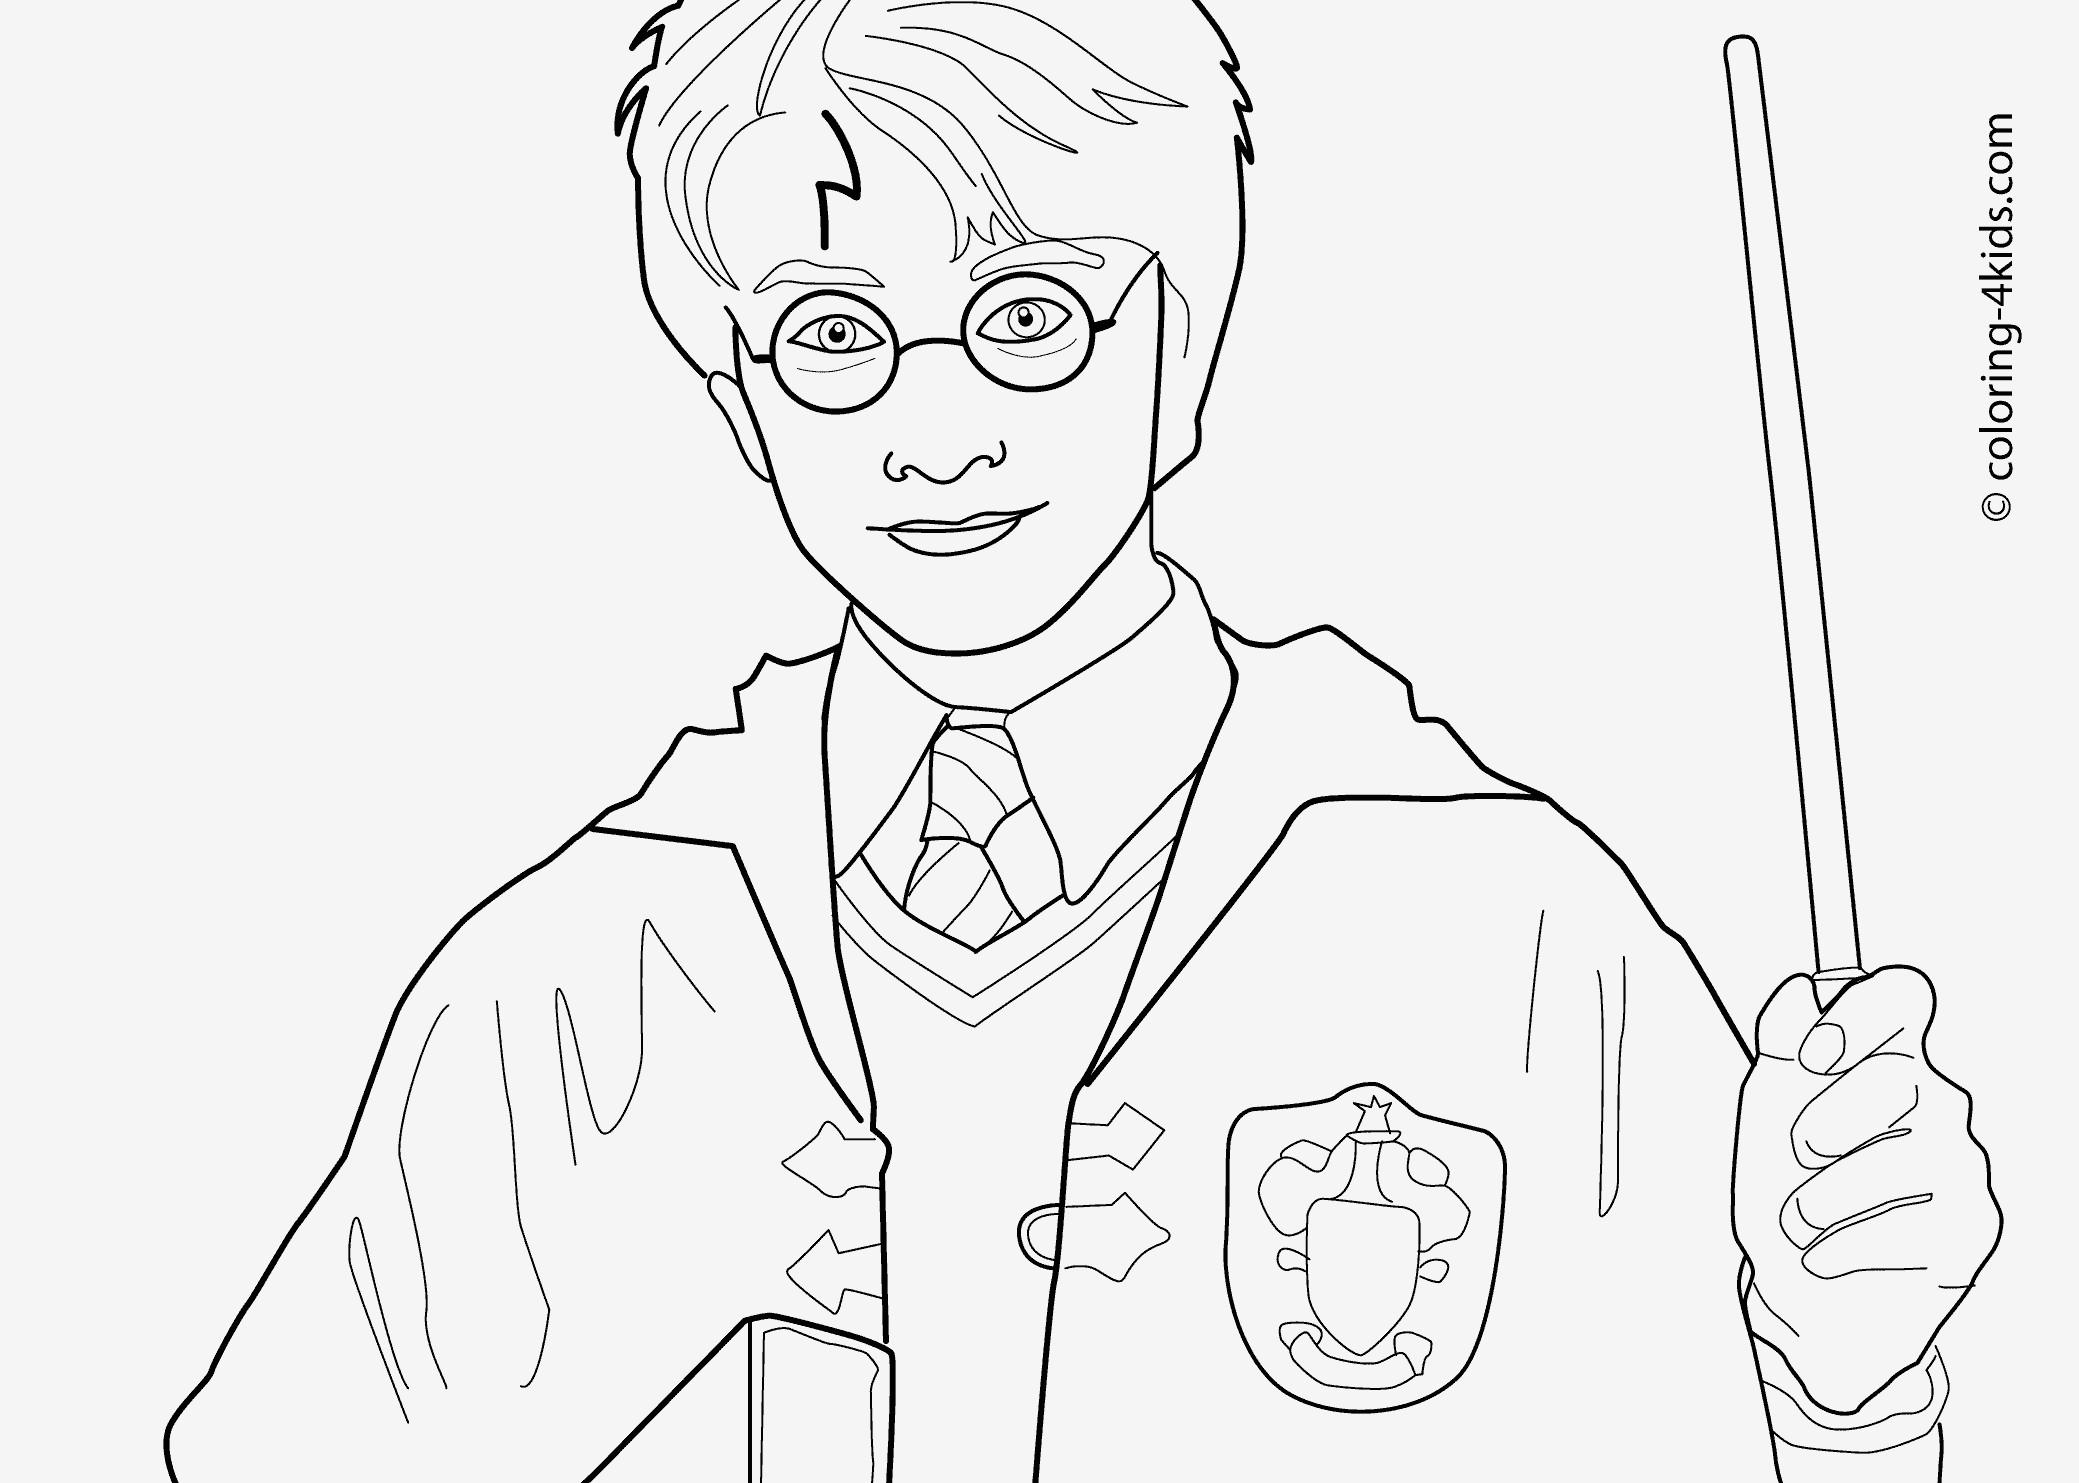 Malvorlagen Harry Potter Neu Verschiedene Bilder Färben Harry Potter Malvorlagen Fotos